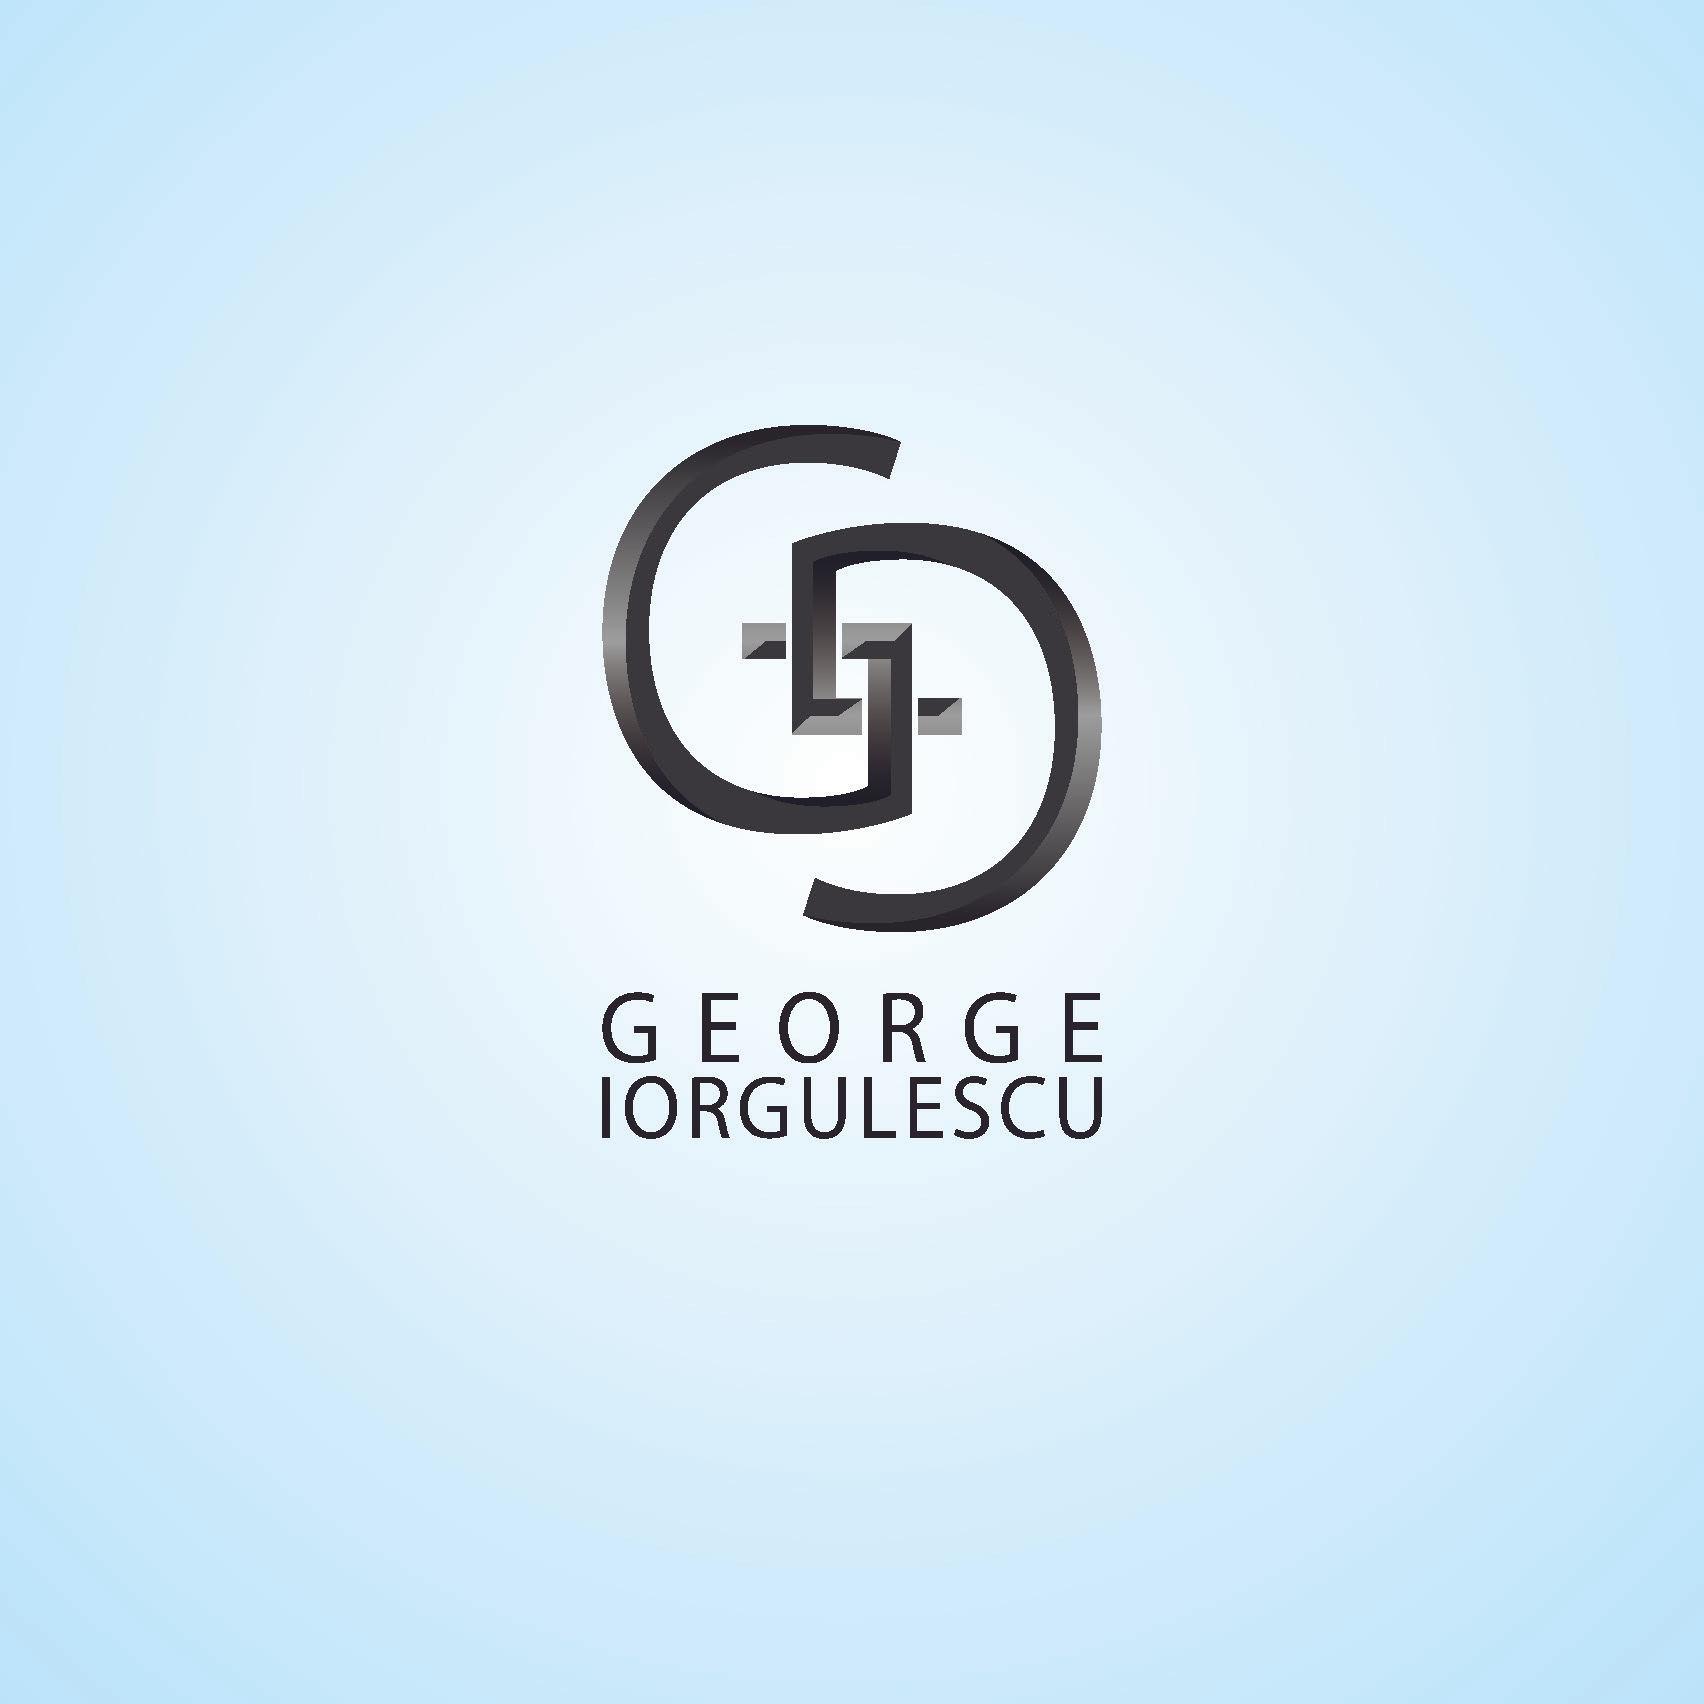 logo GG final_Page_2